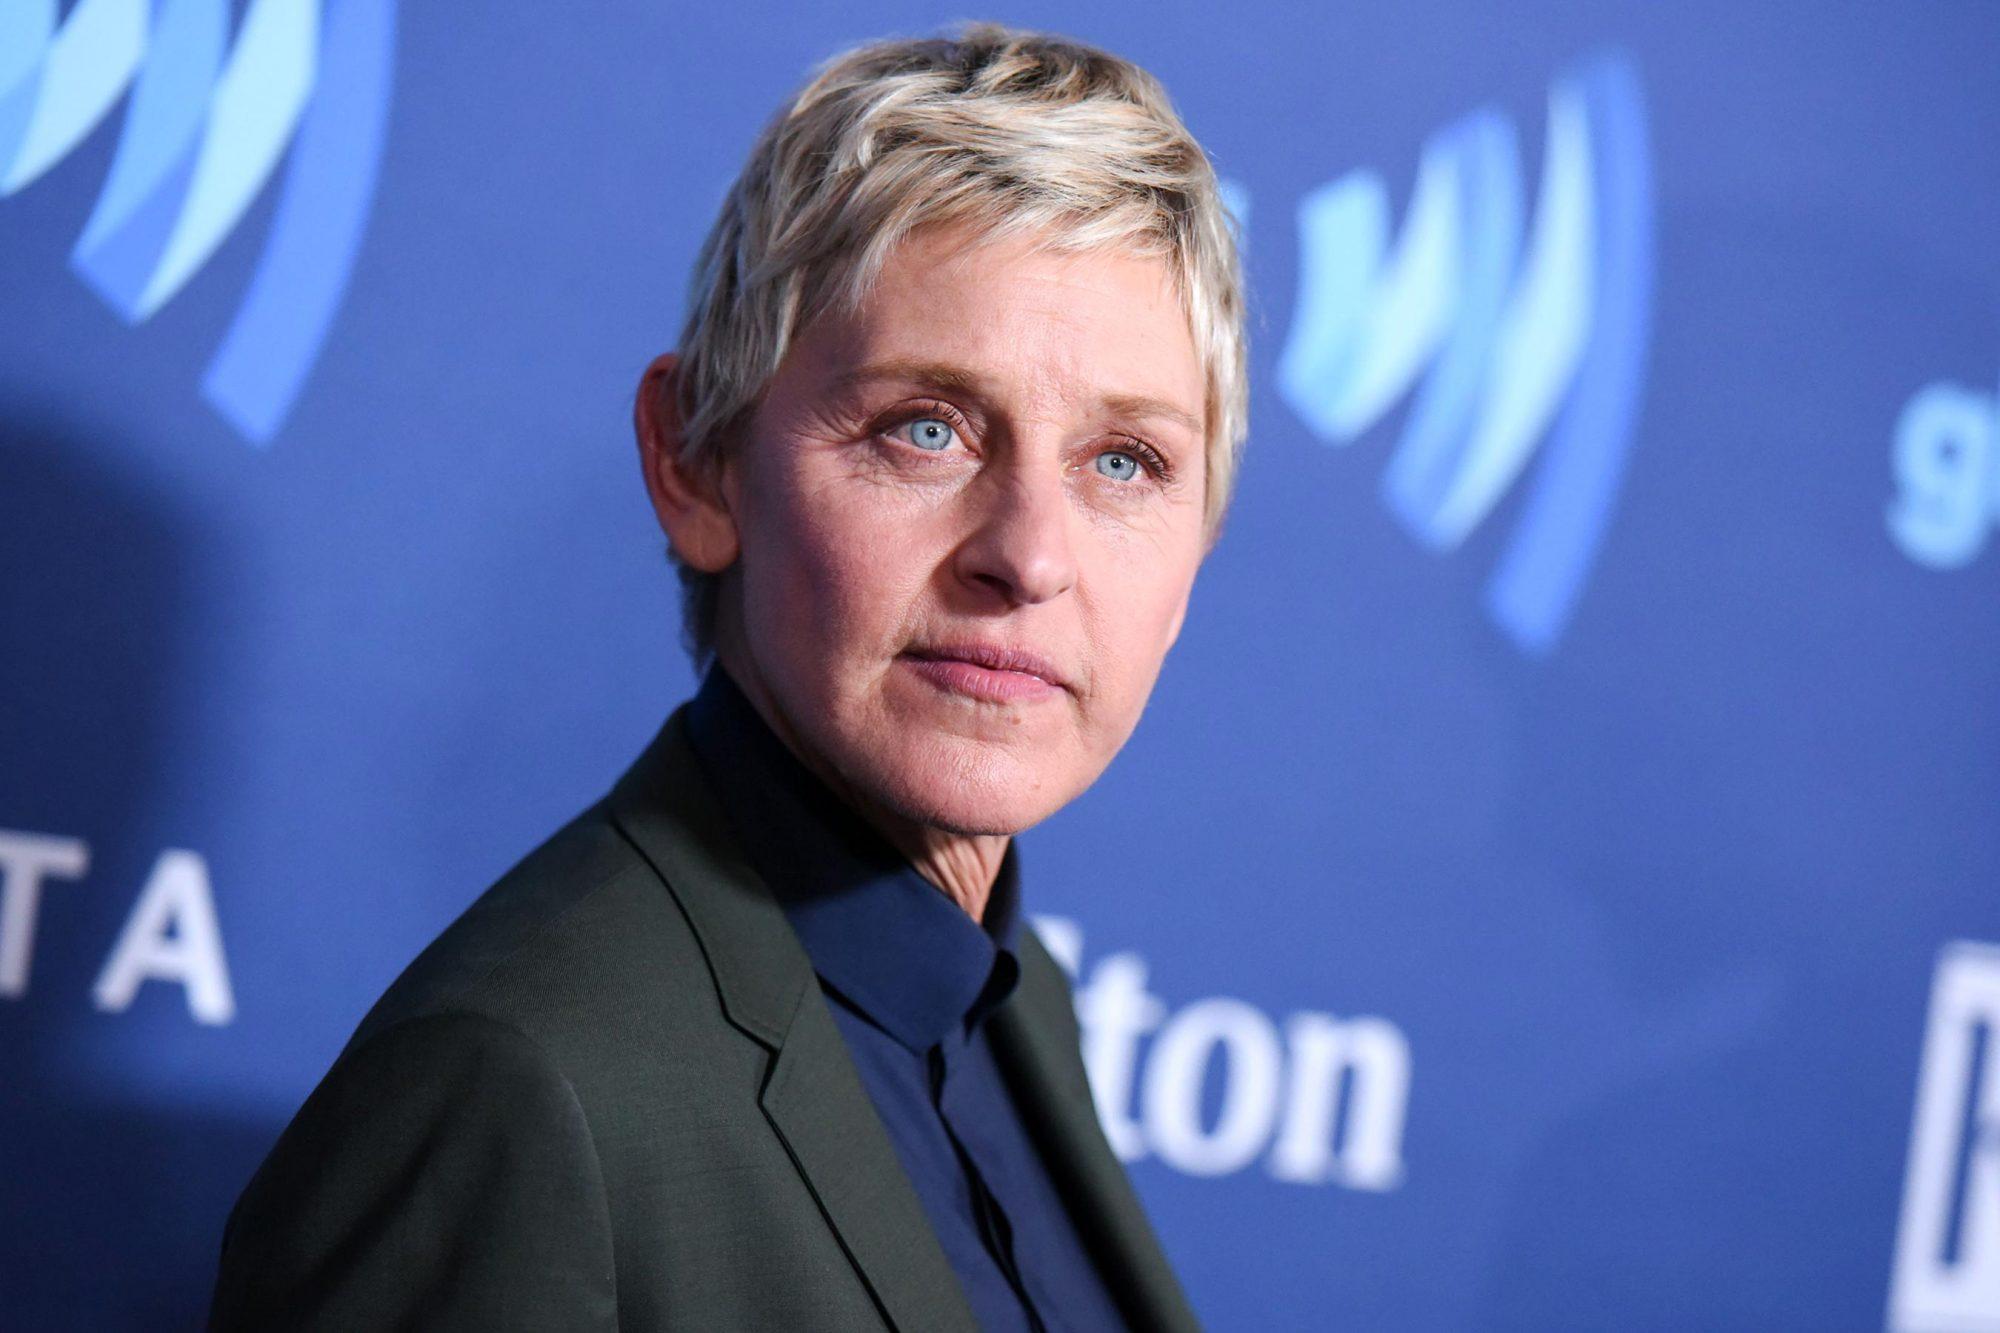 People-Ellen DeGeneres, Beverly Hills, USA - 16 Aug 2016